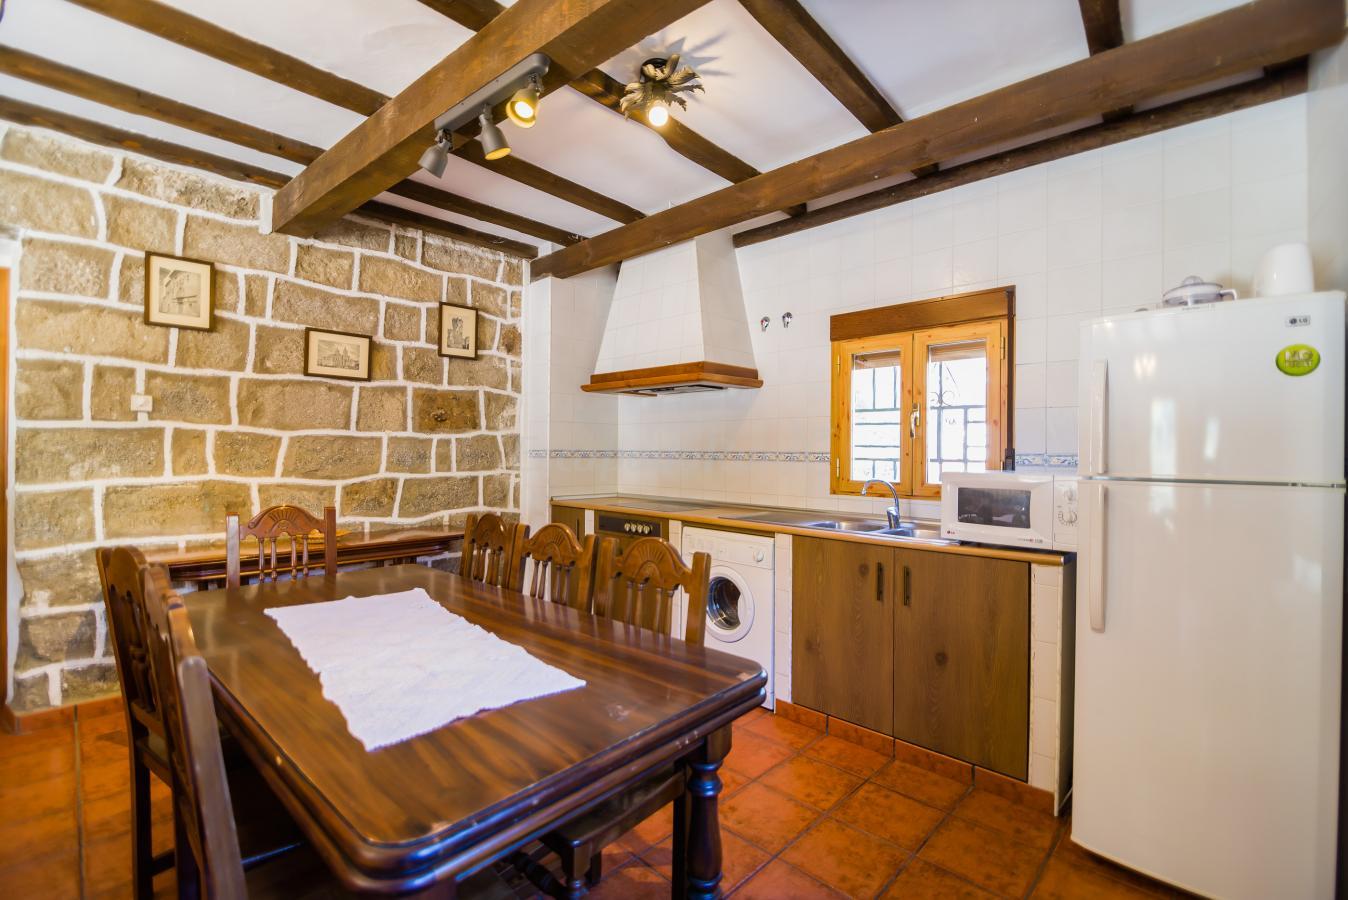 Fotos de casas rurales maury casa rural en el barraco vila - Casa rural original ...